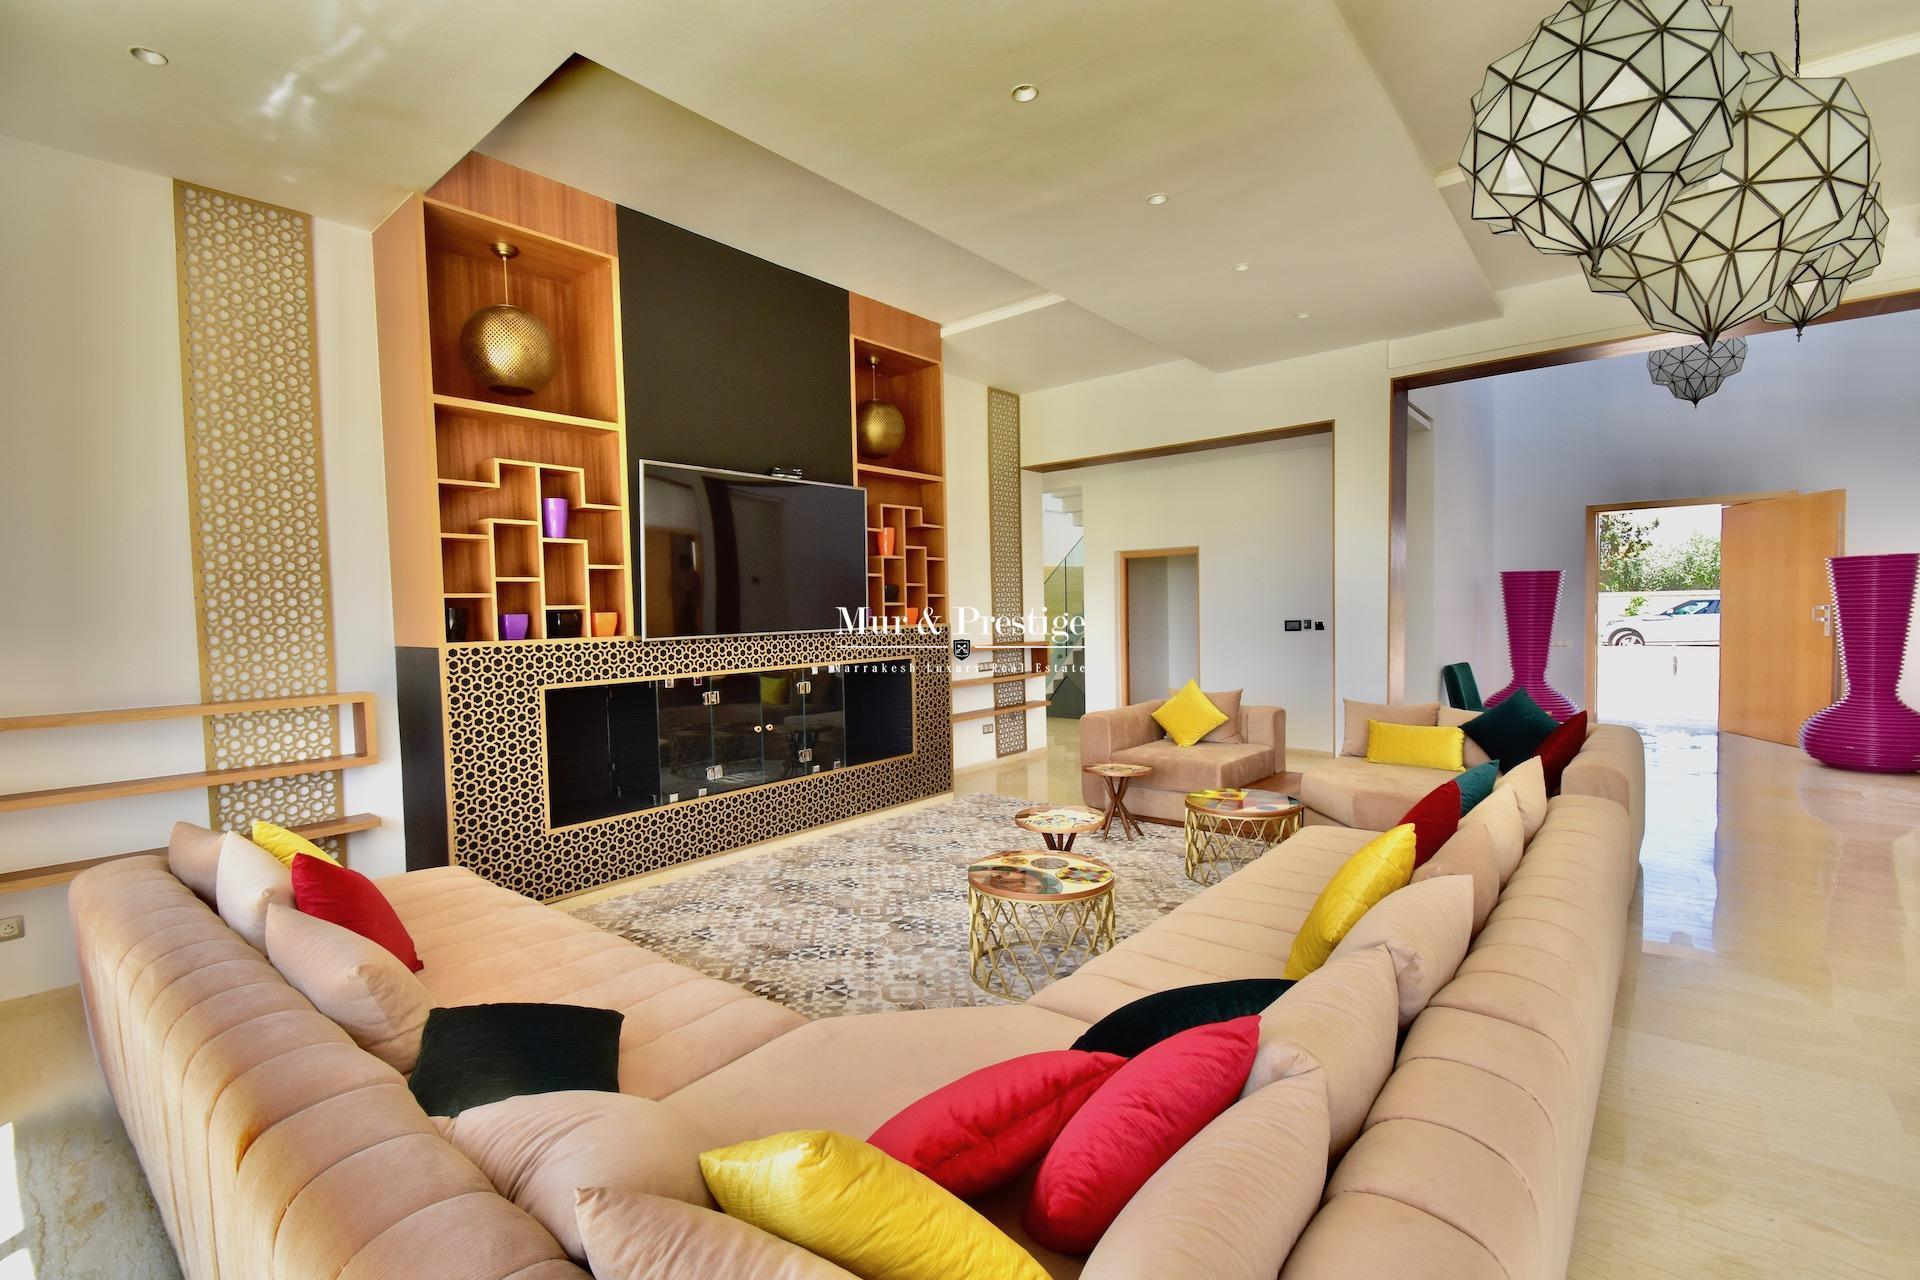 Villa moderne en vente route de l'Ourika à Marrakech